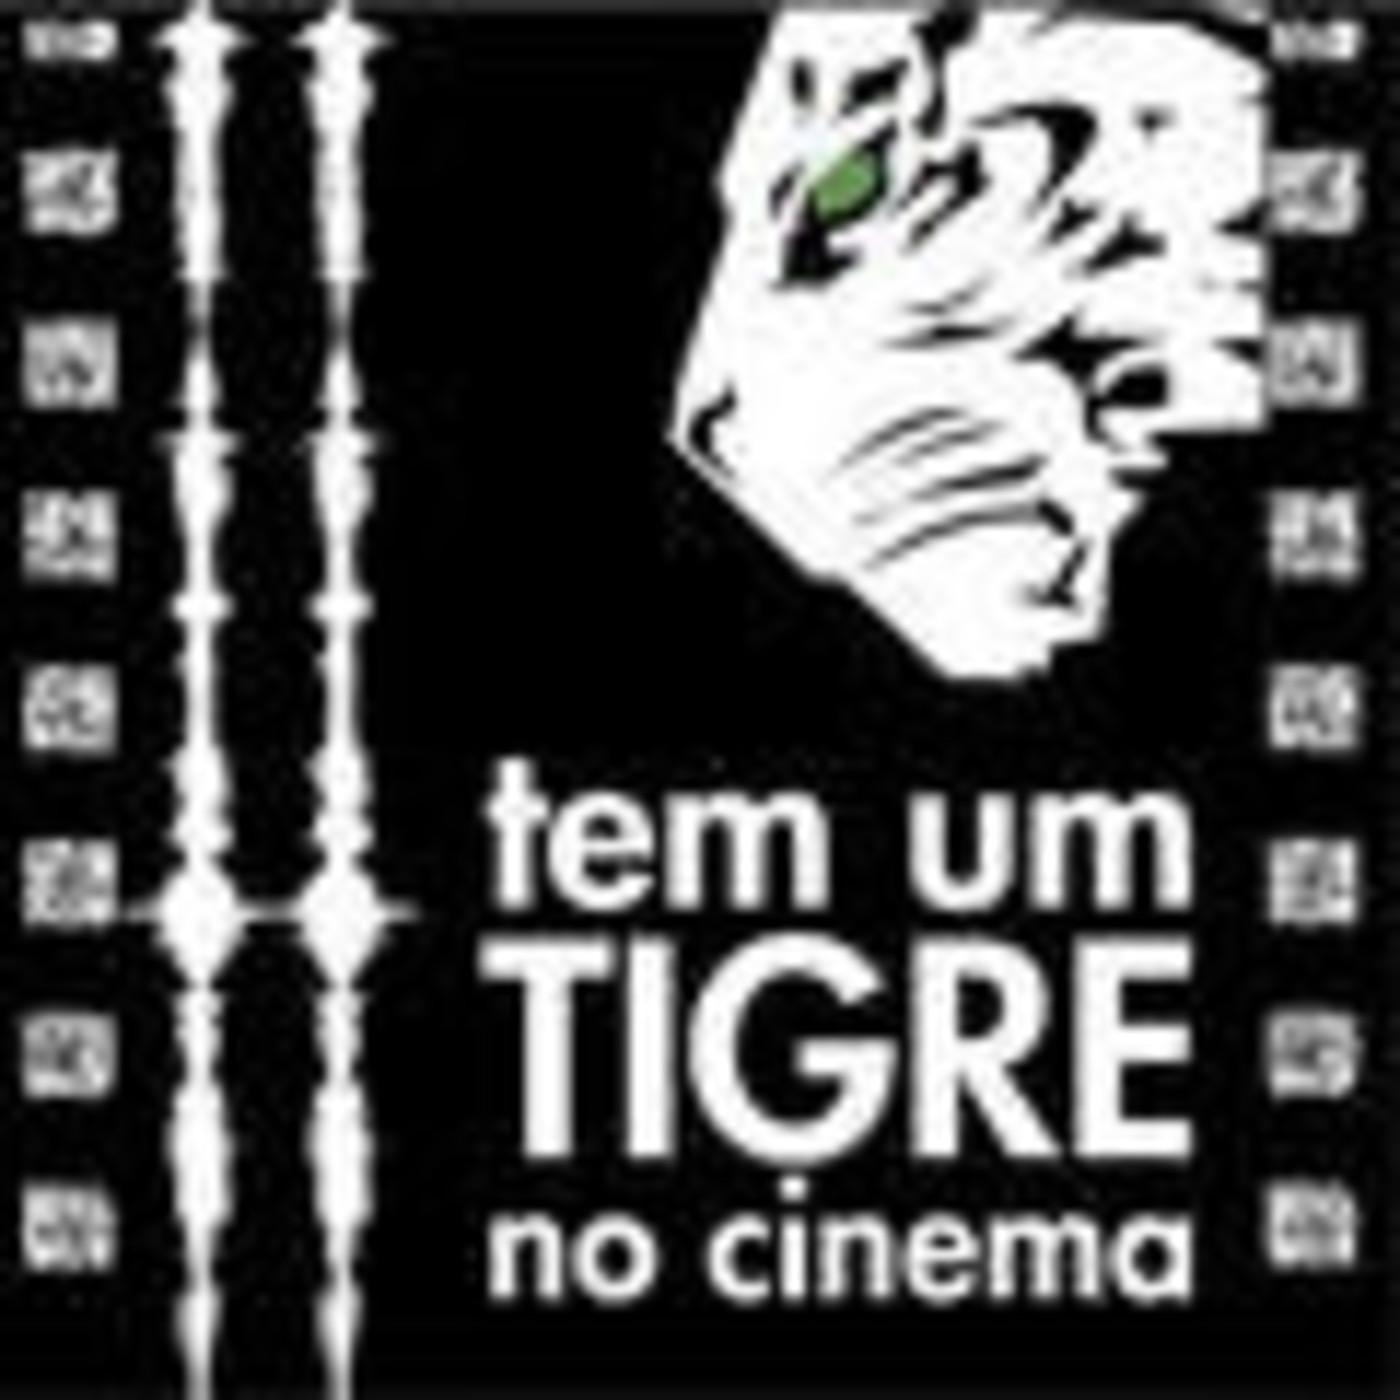 tem um Tigre no cinema